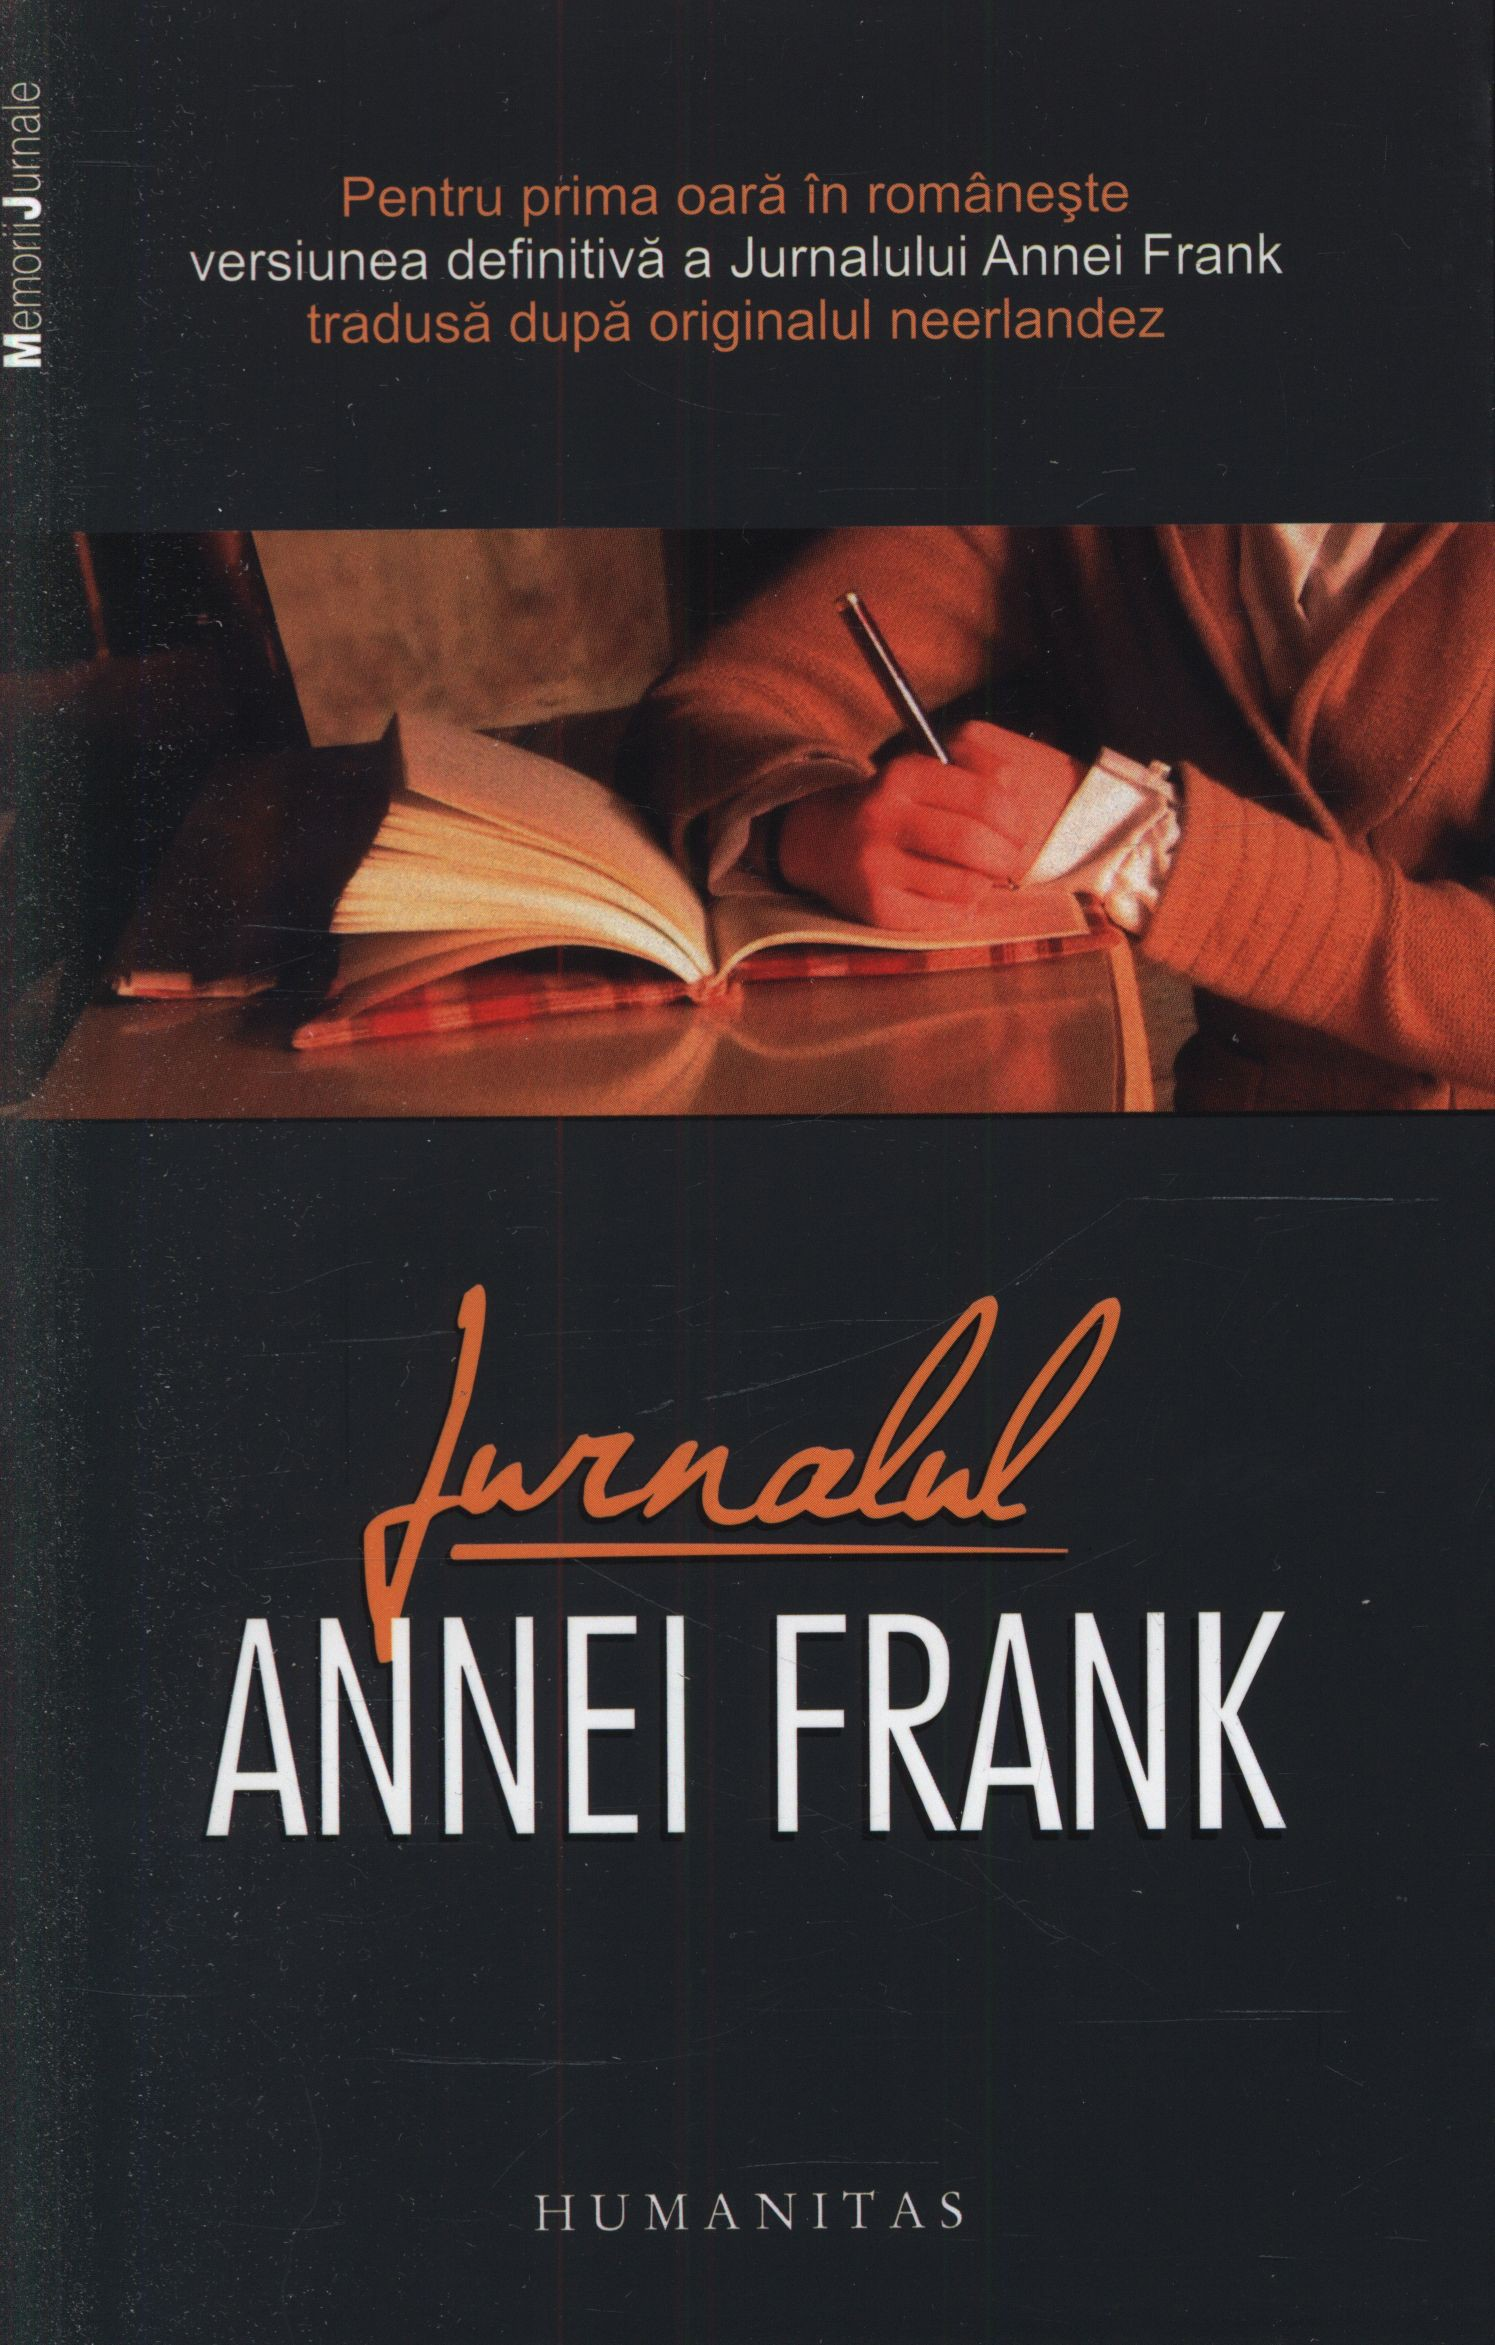 jurnalul-annei-frank-12-iunie-1942-1-august-1944_1_fullsize.jpg